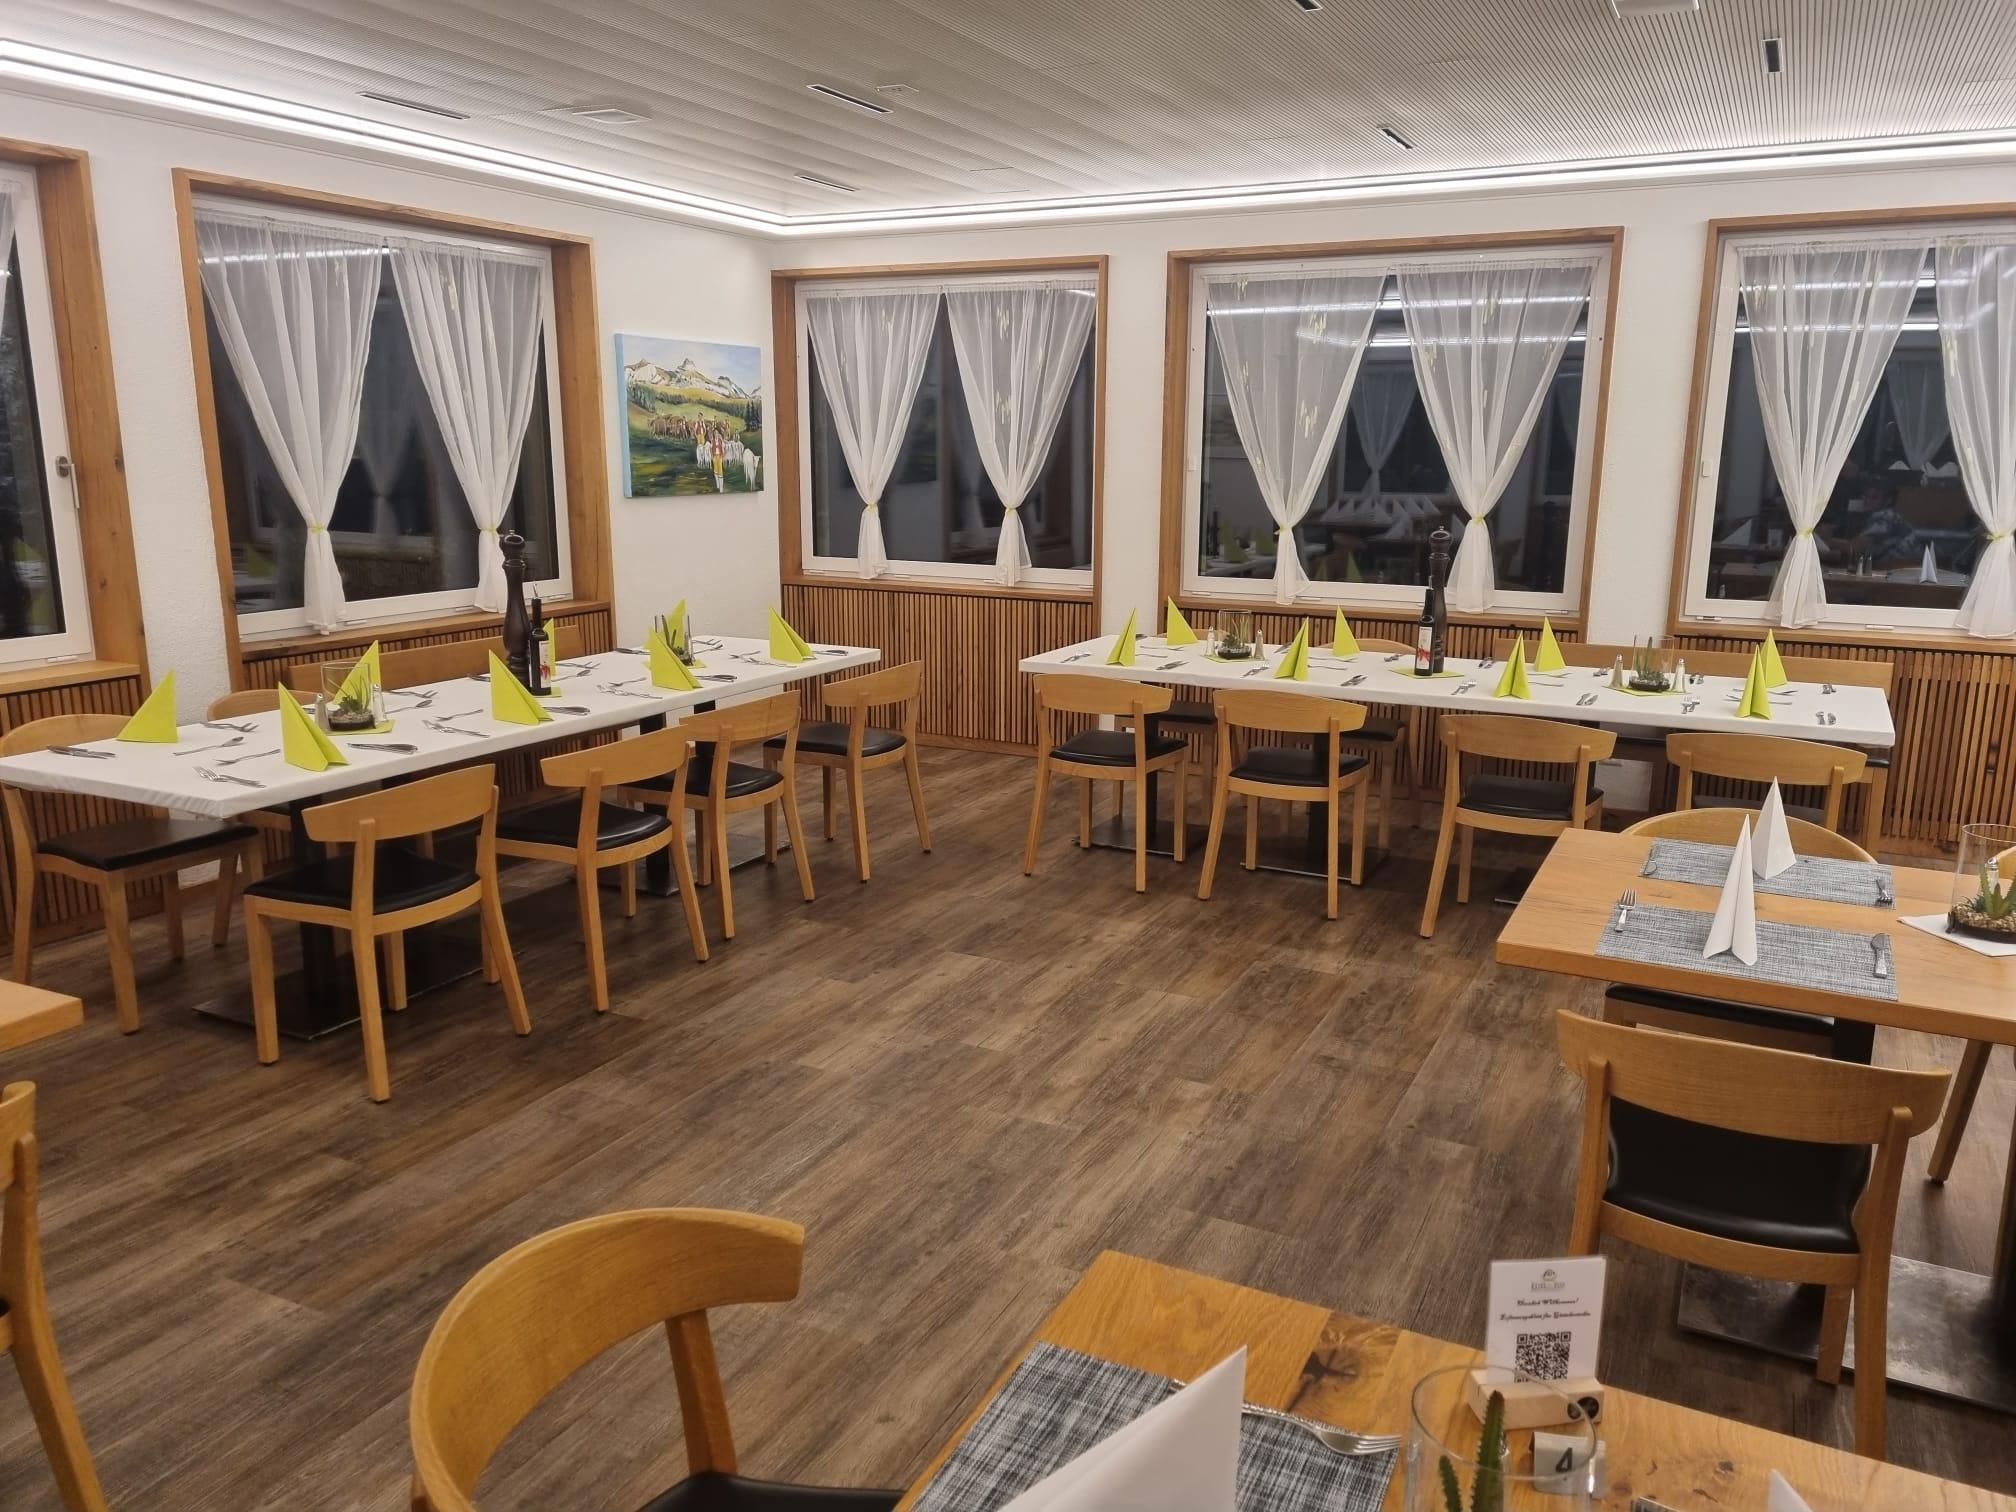 Pizzeria-Restaurant-Appenzell-Schwende-13